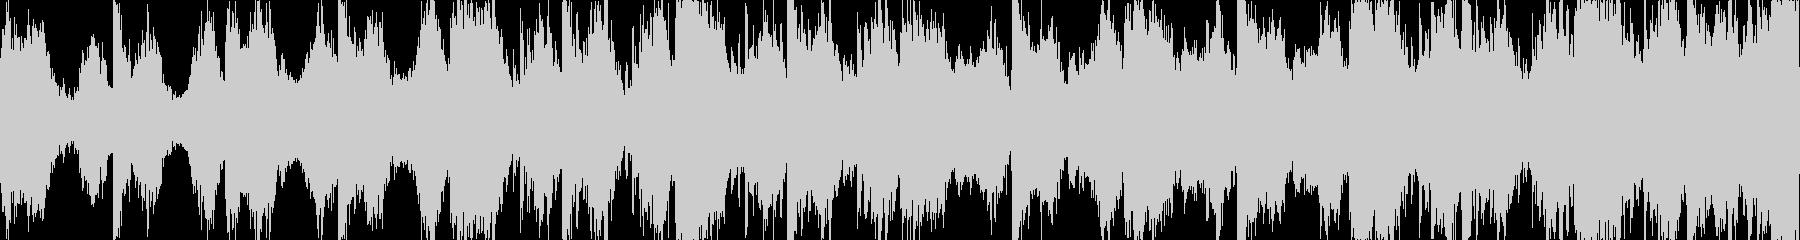 マジで怖いホラーBGMの未再生の波形